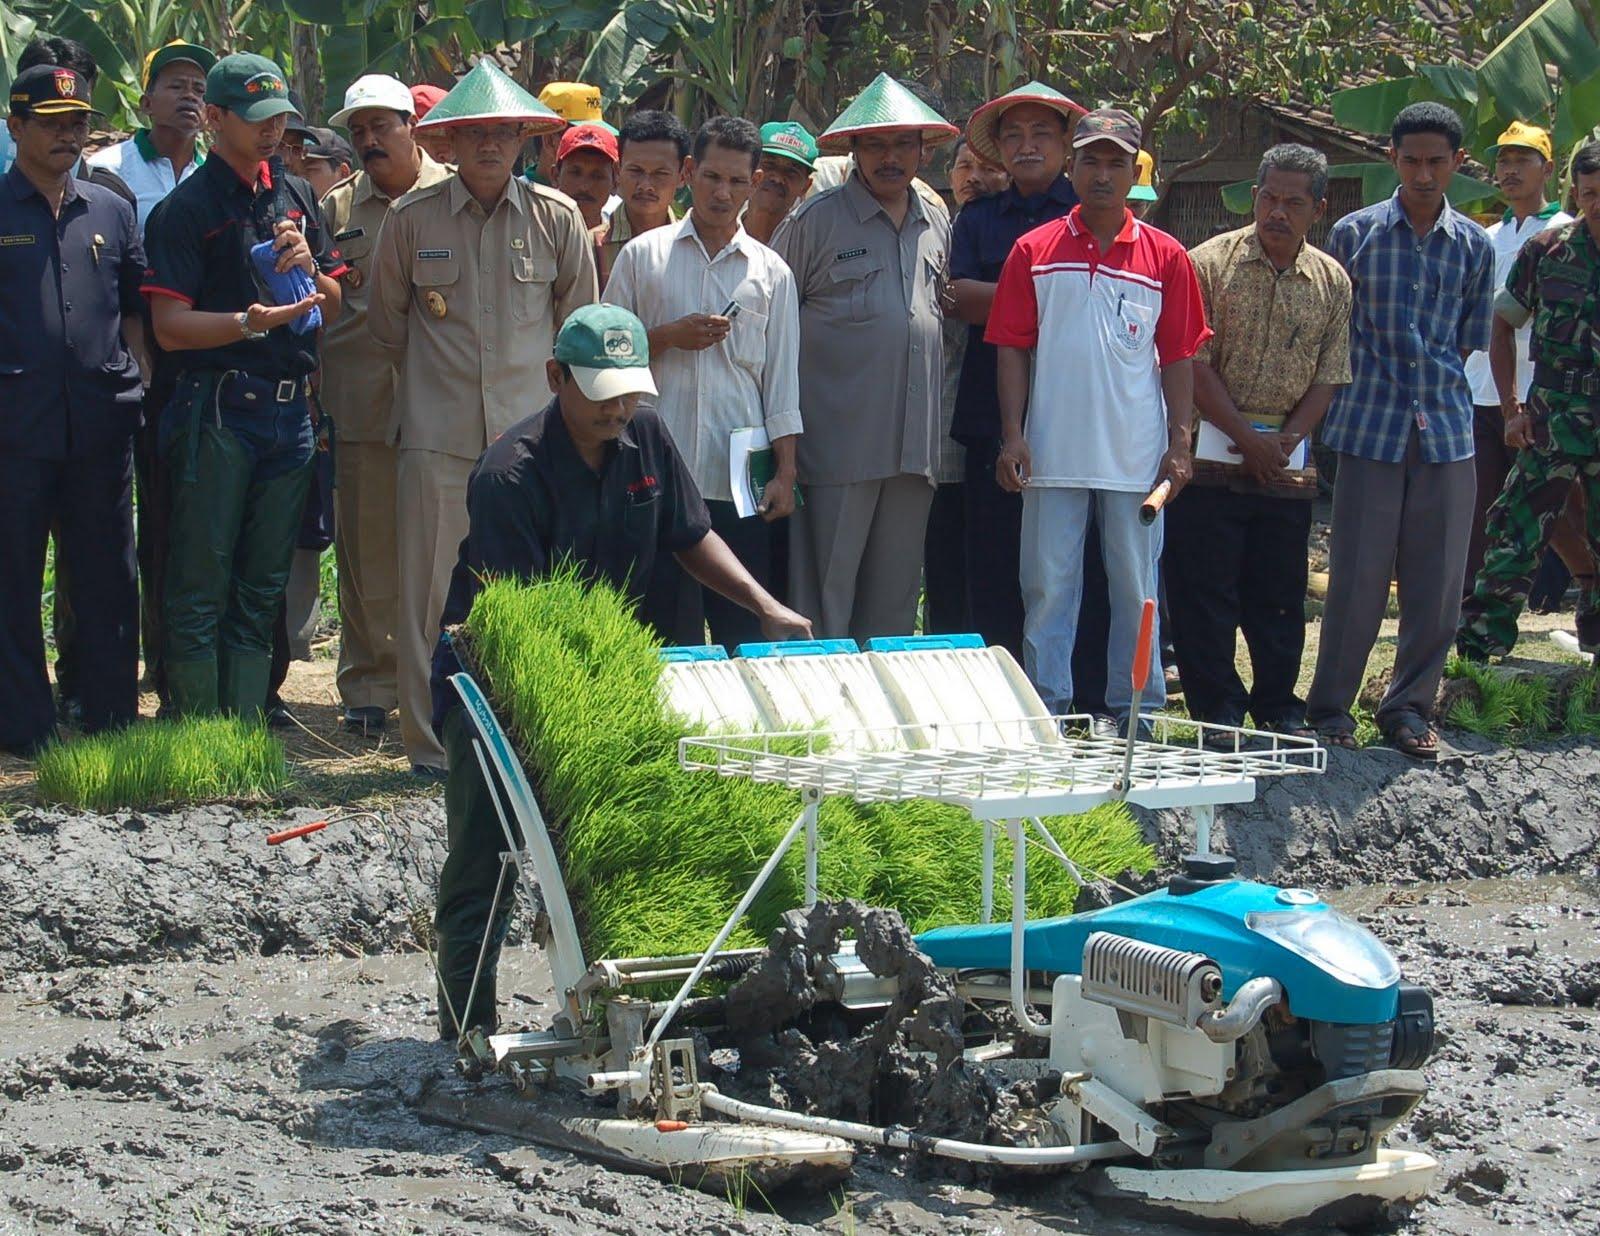 Praktikum Dpkp 2015 Kelompok 9 Penerapan Teknologi Pertanian